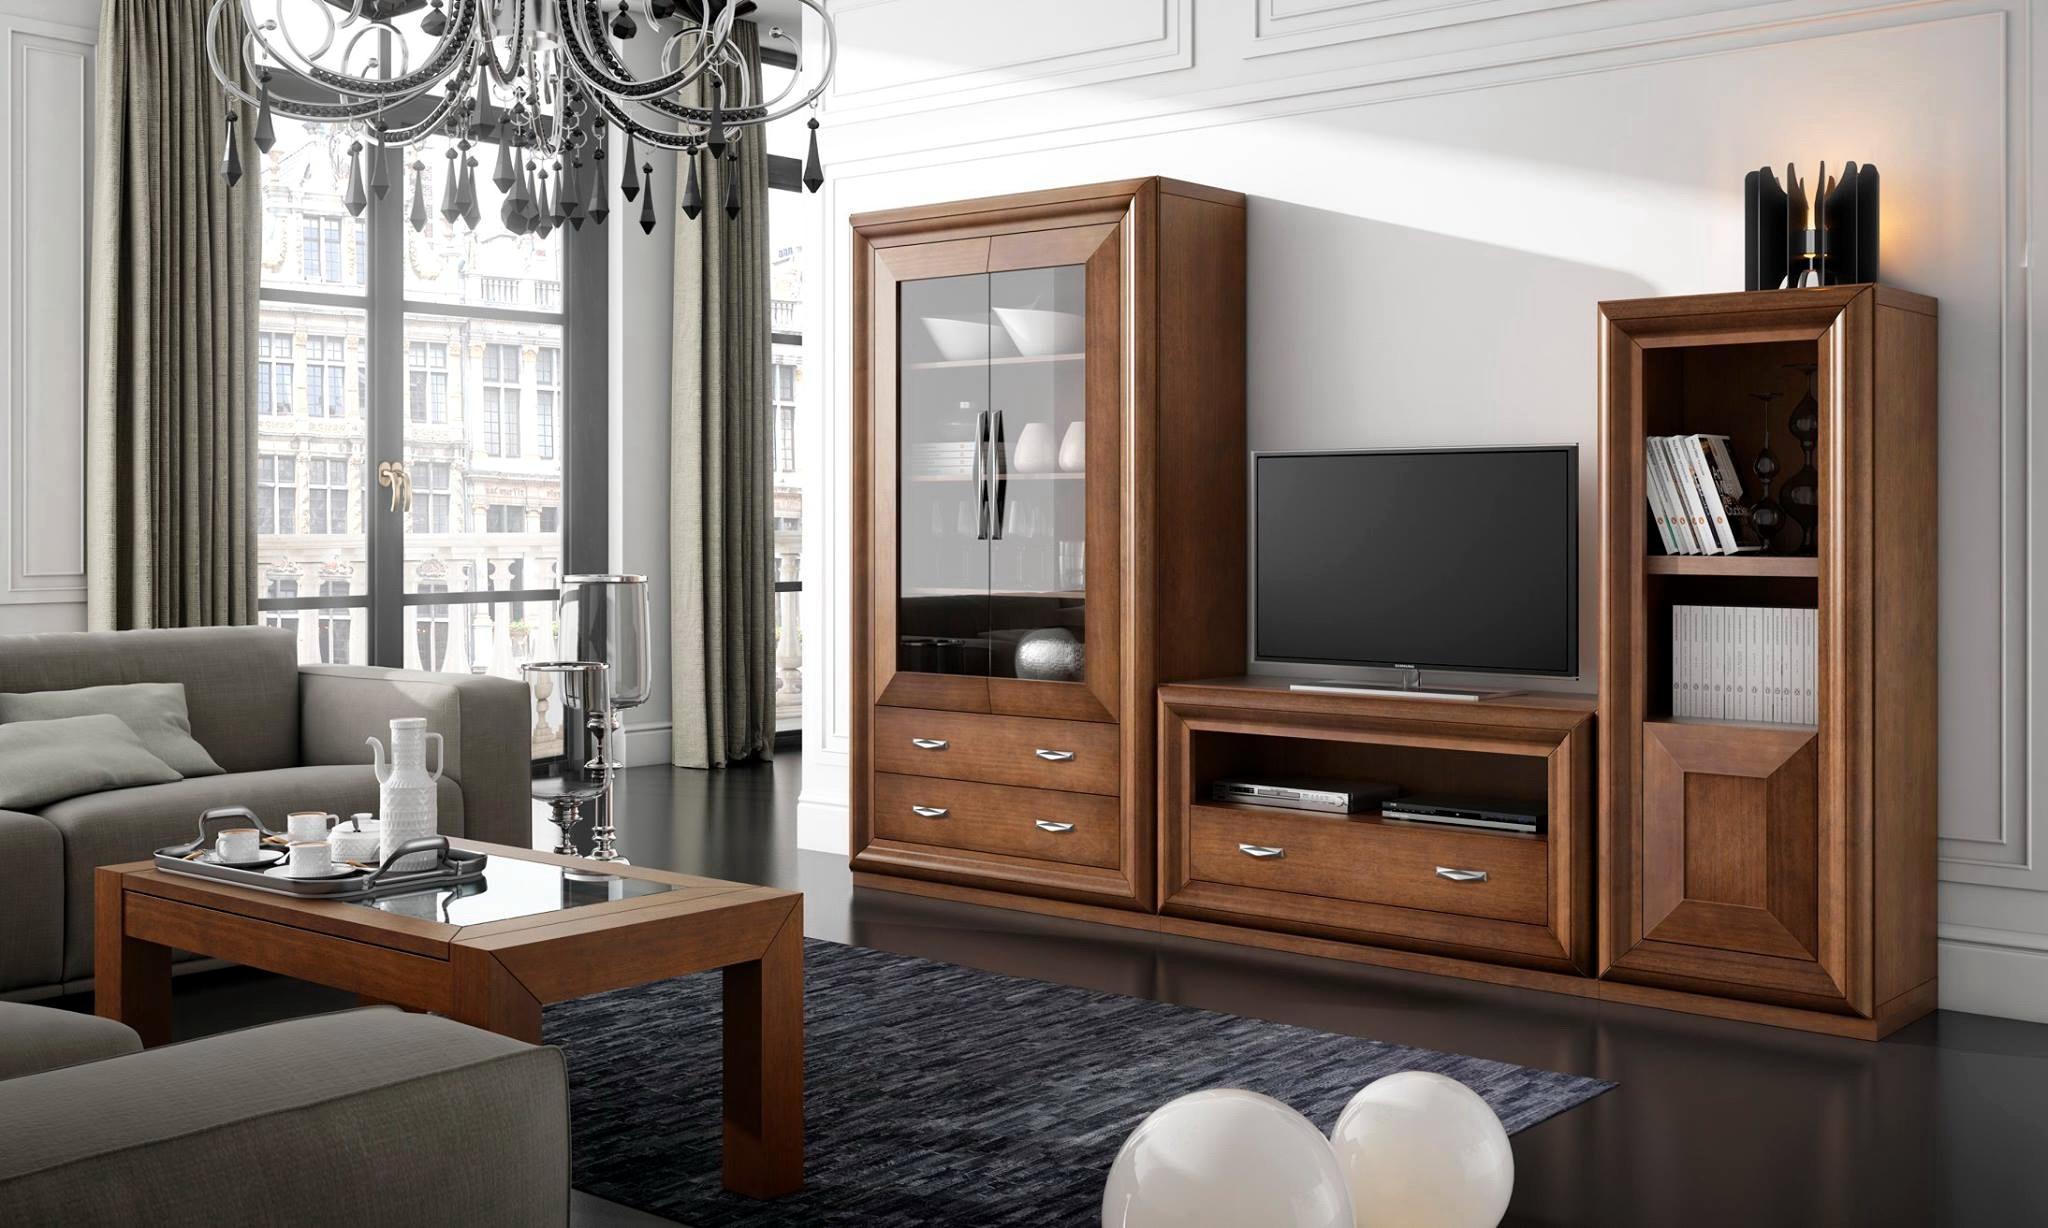 Muñoz y Vilareal salon 01 en muebles antoñán® León